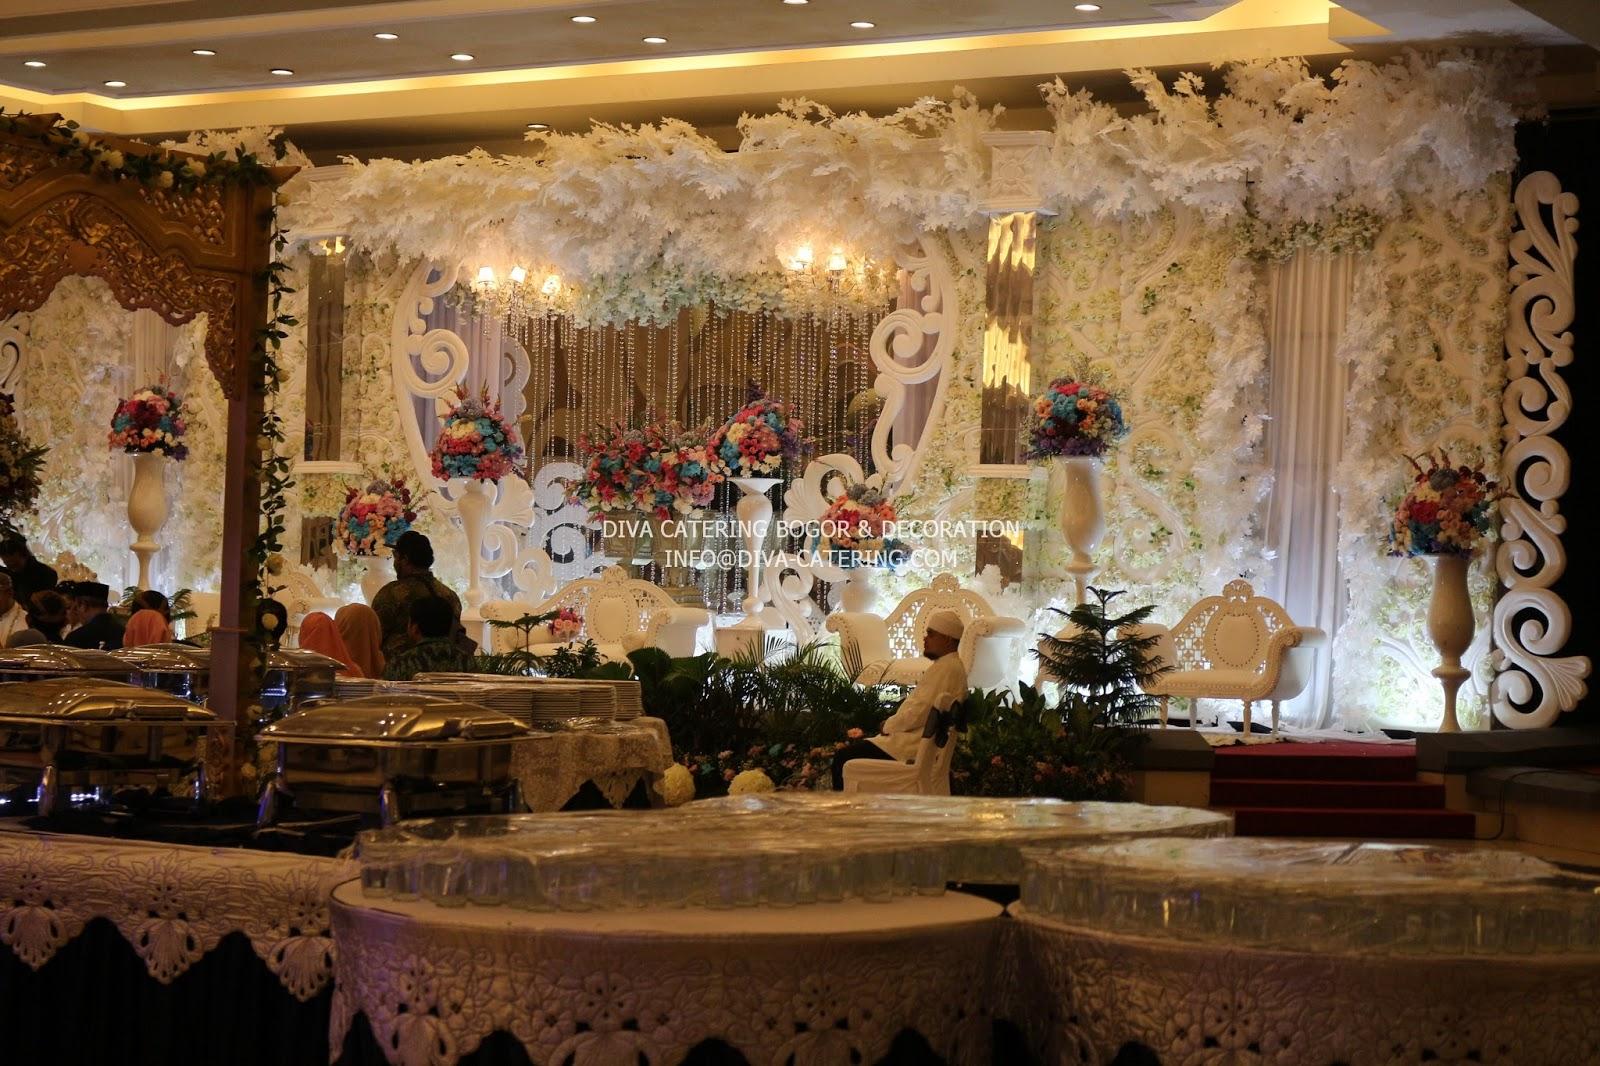 Gallery dekorasi diva catering bogor wedding planner wedding diva decoration diva catering di gedung andalusia sentul city junglespirit Images